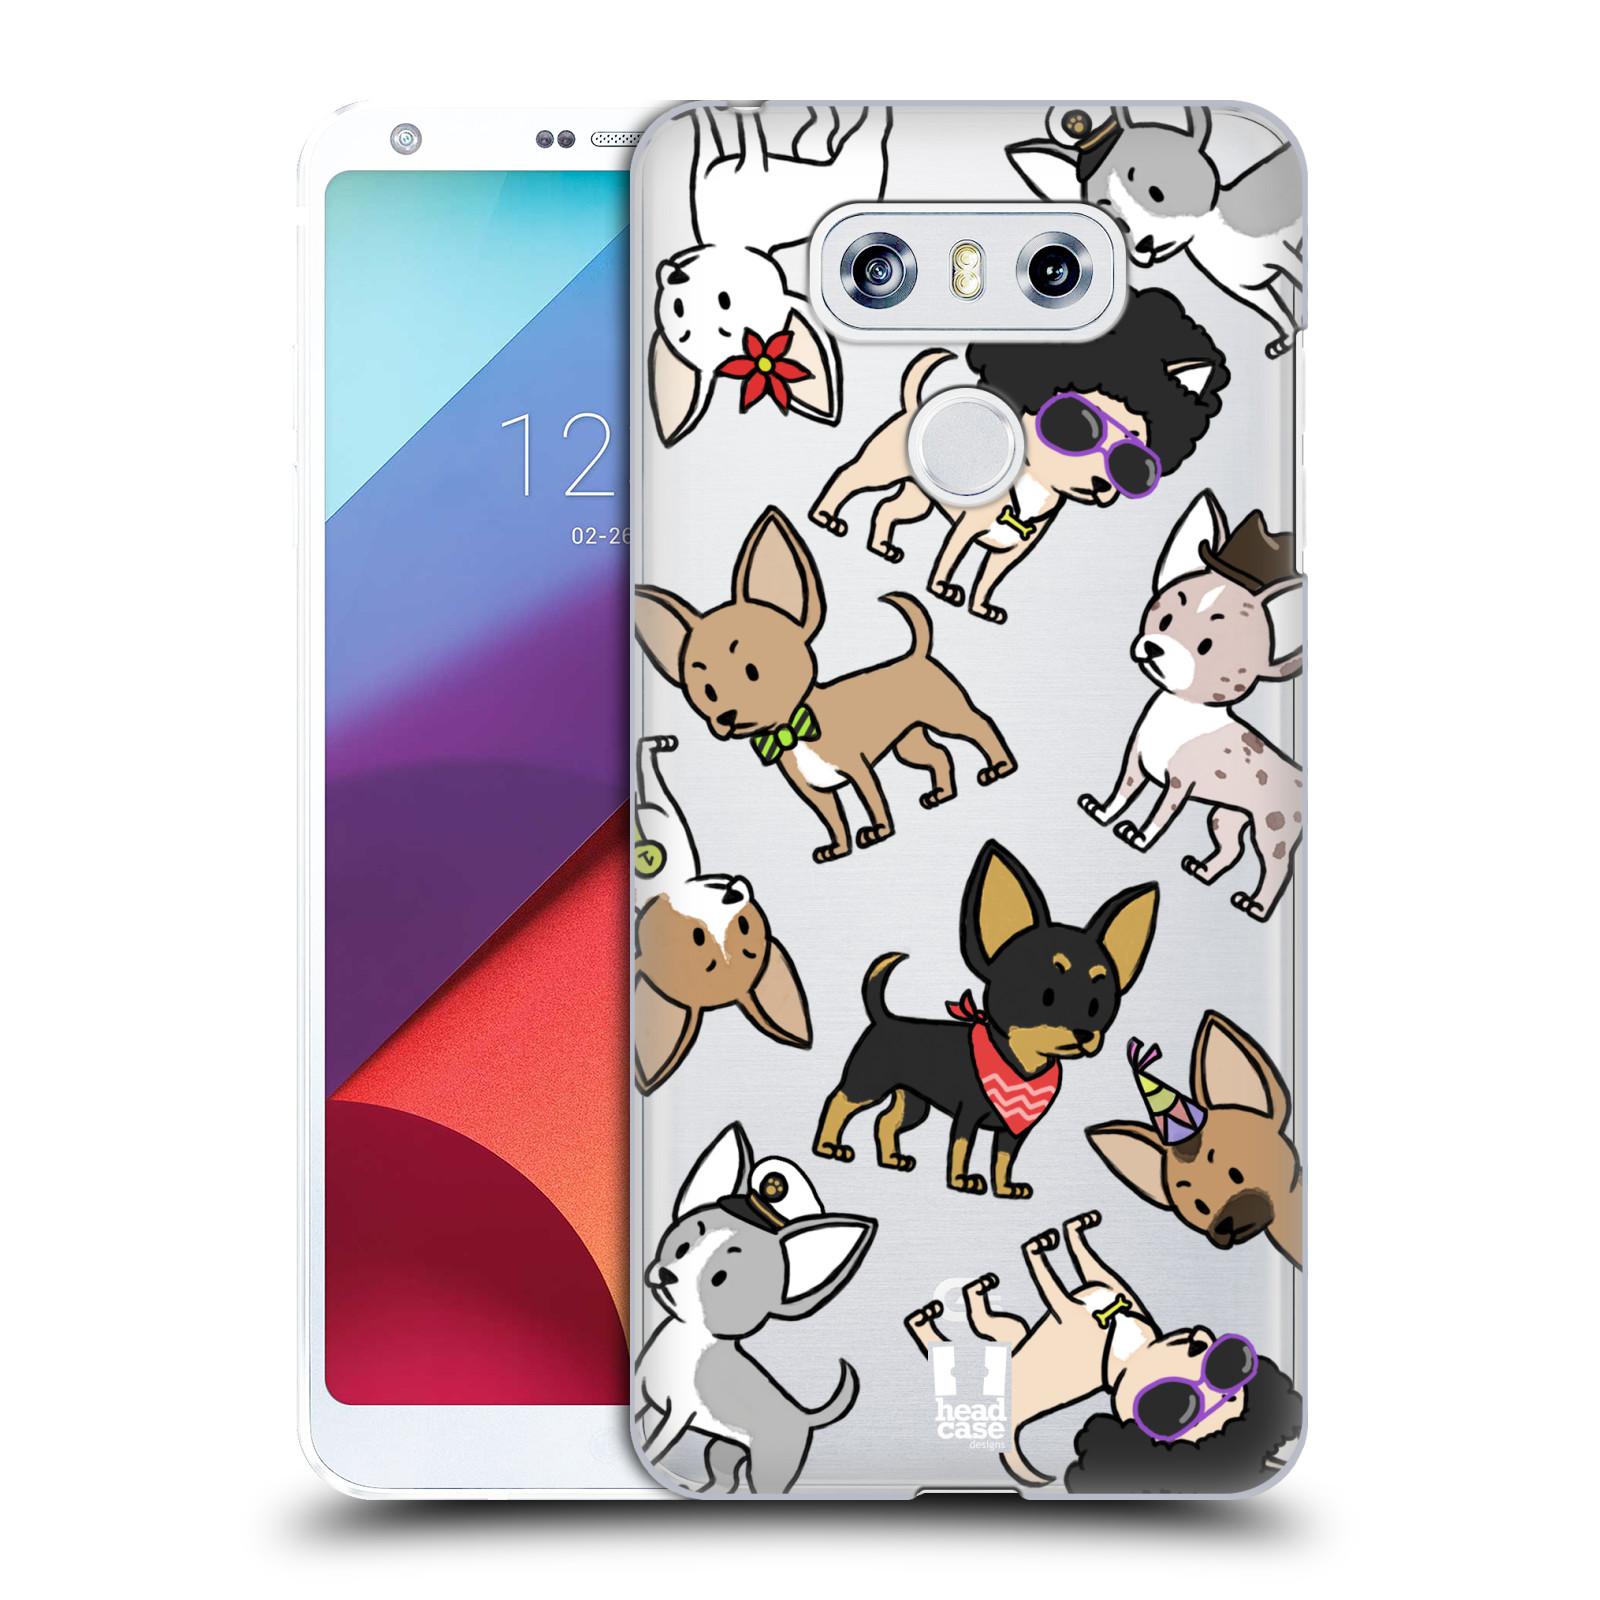 Plastové pouzdro na mobil LG G6 - Head Case - Čivavy (Plastový kryt či obal na mobilní telefon s motivem čivav pro LG G6 H870 / LG G6 Dual SIM H870DS)